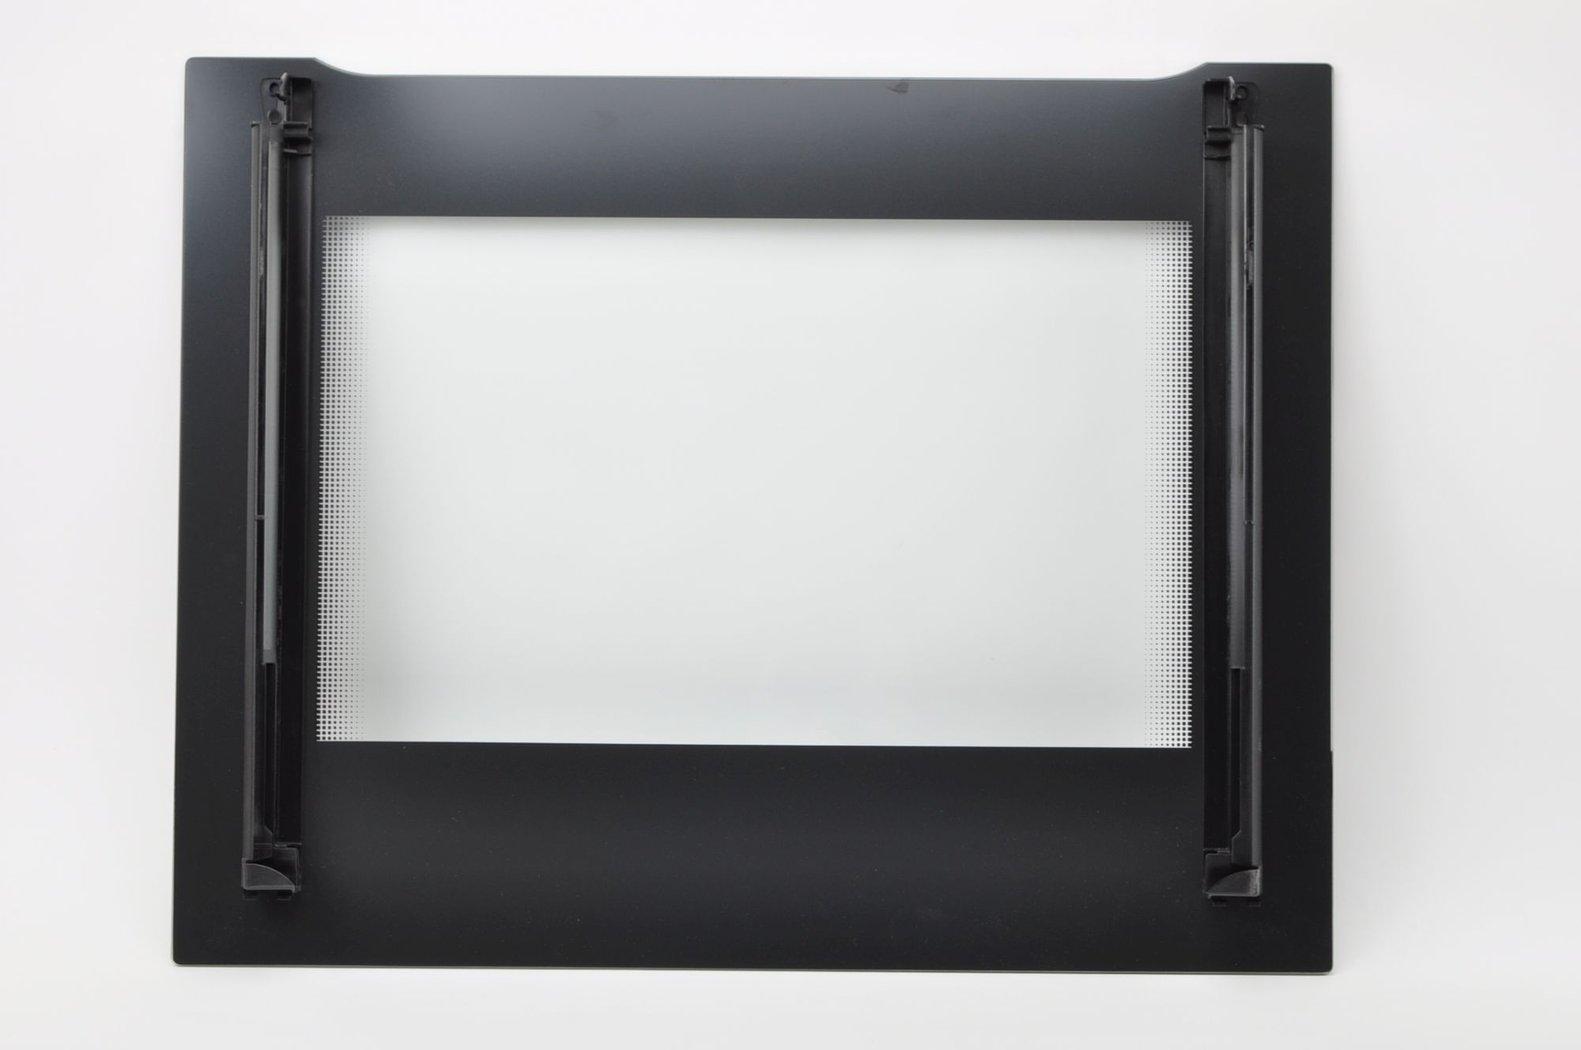 aeg backofen aussen scheibe t re mit edelstahlblende 3874970068. Black Bedroom Furniture Sets. Home Design Ideas